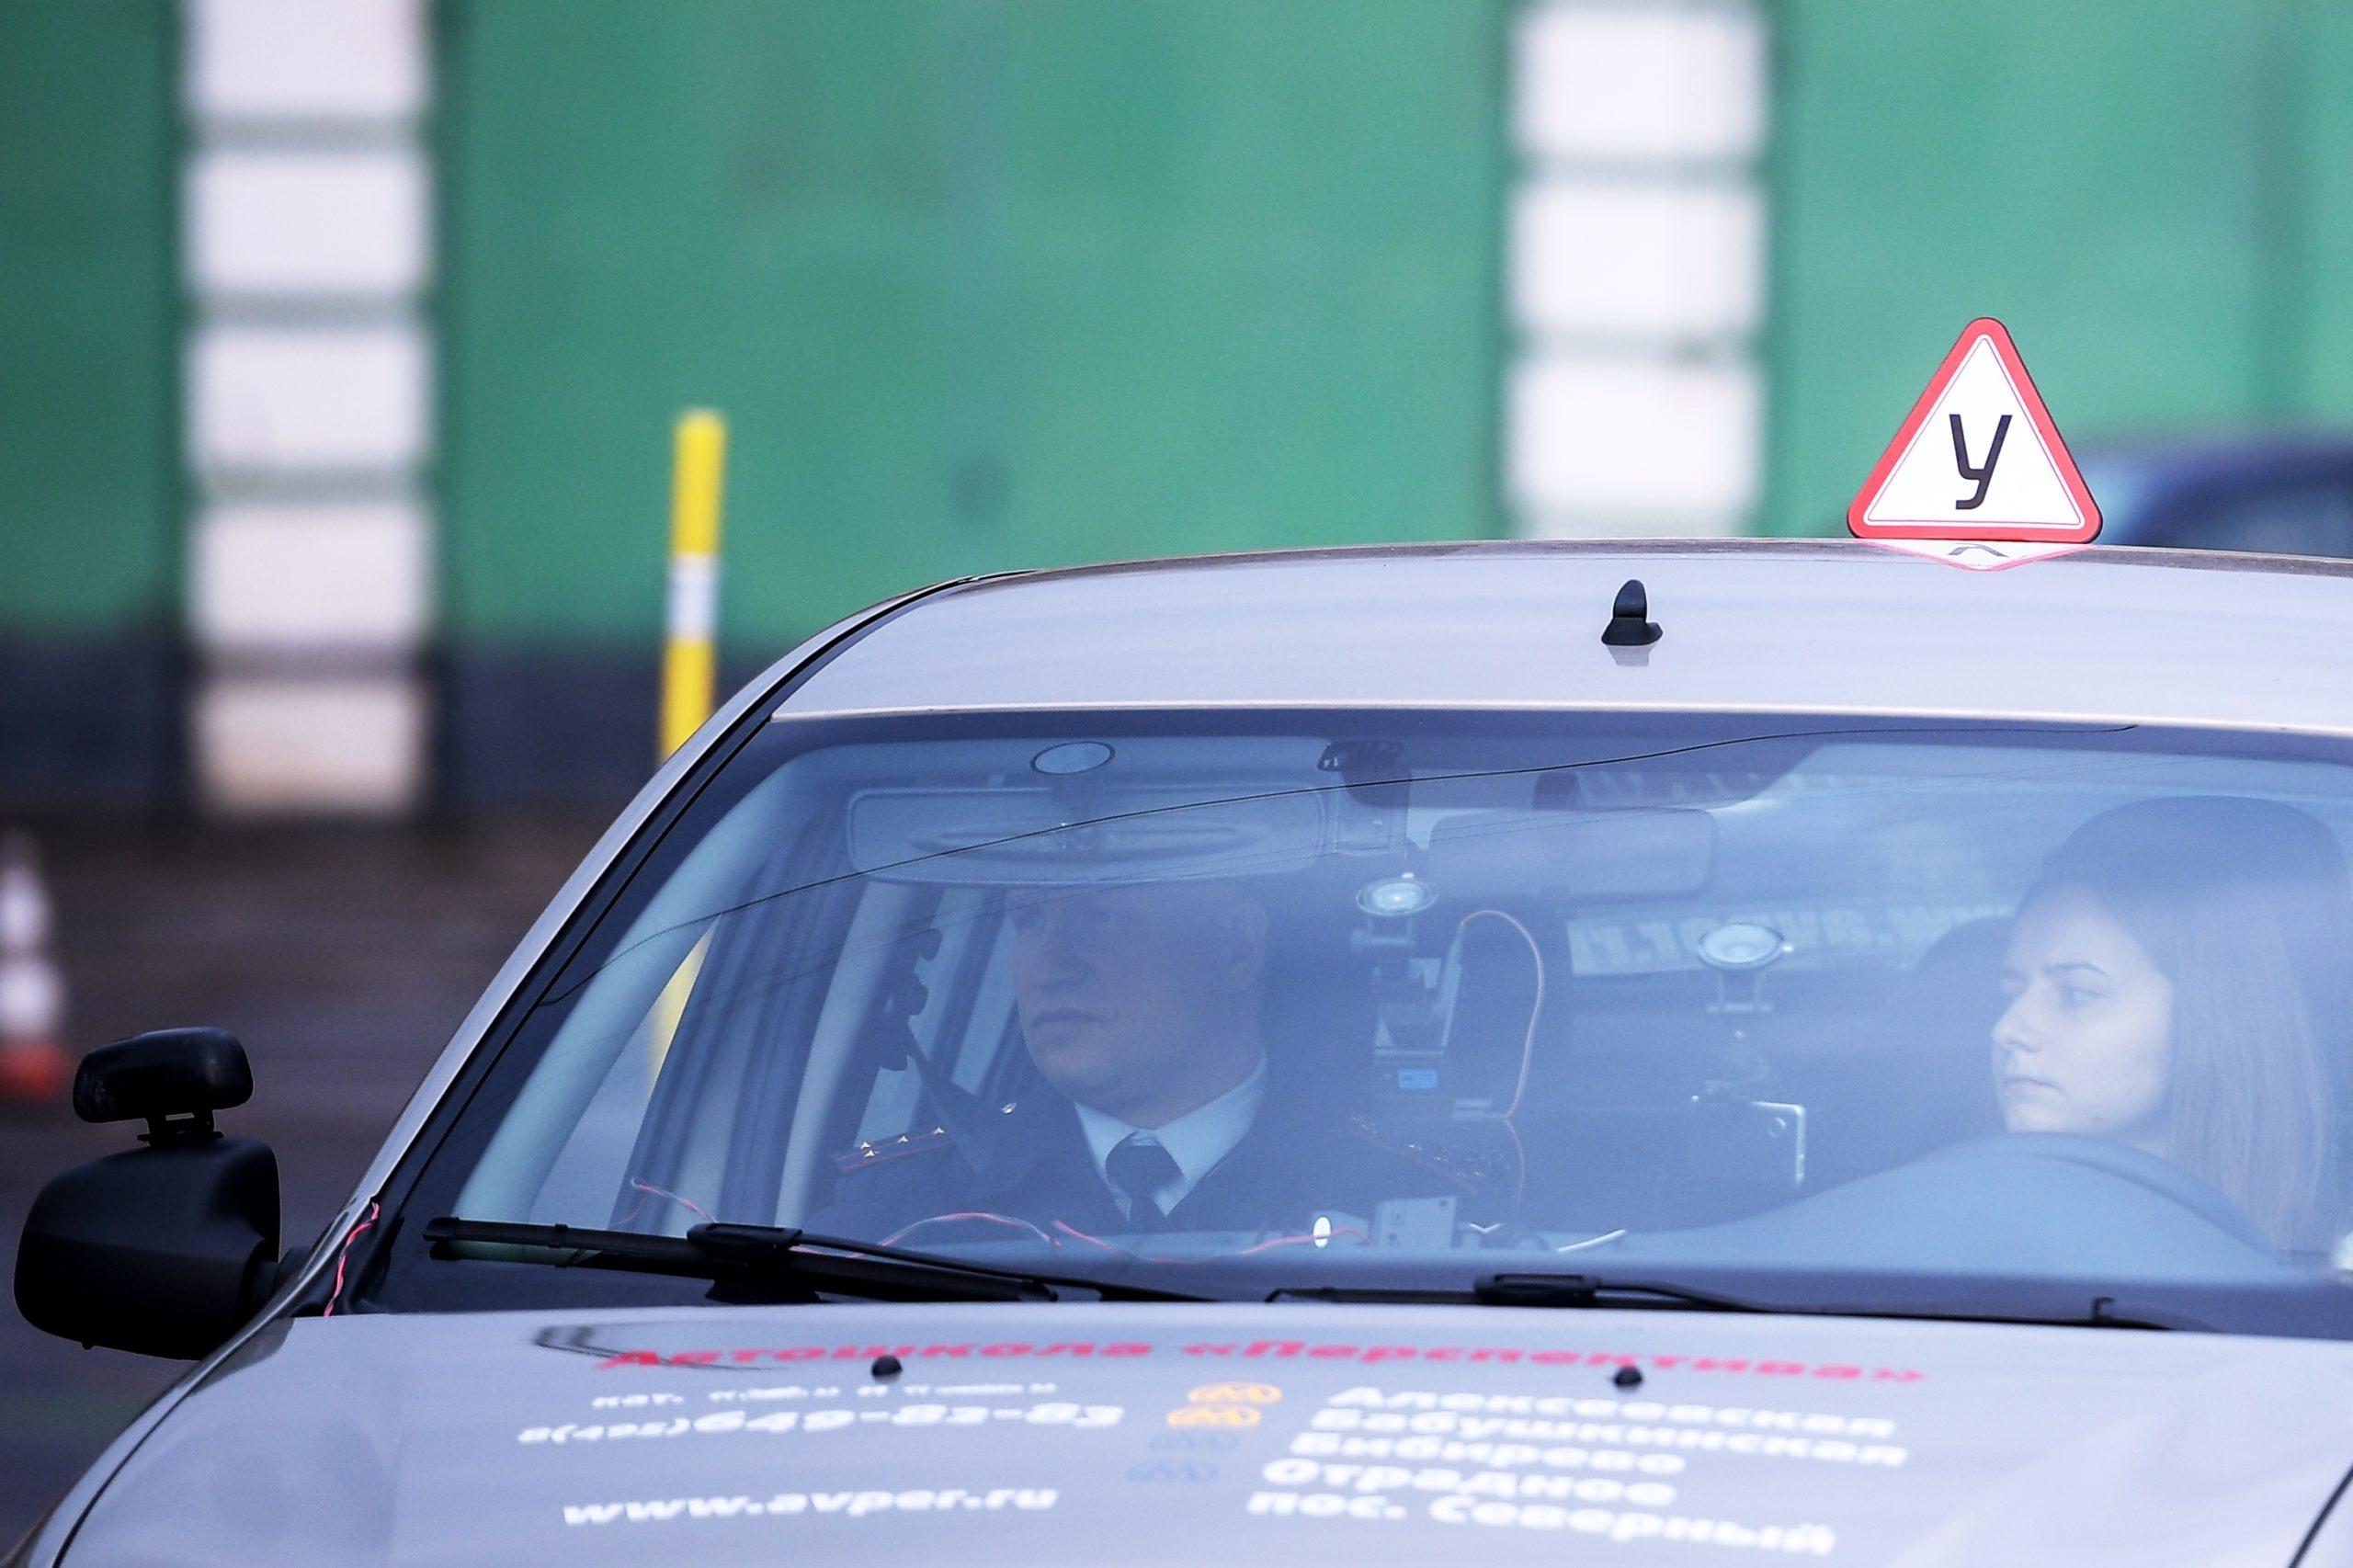 за что могут лишить водительских прав в 2021г